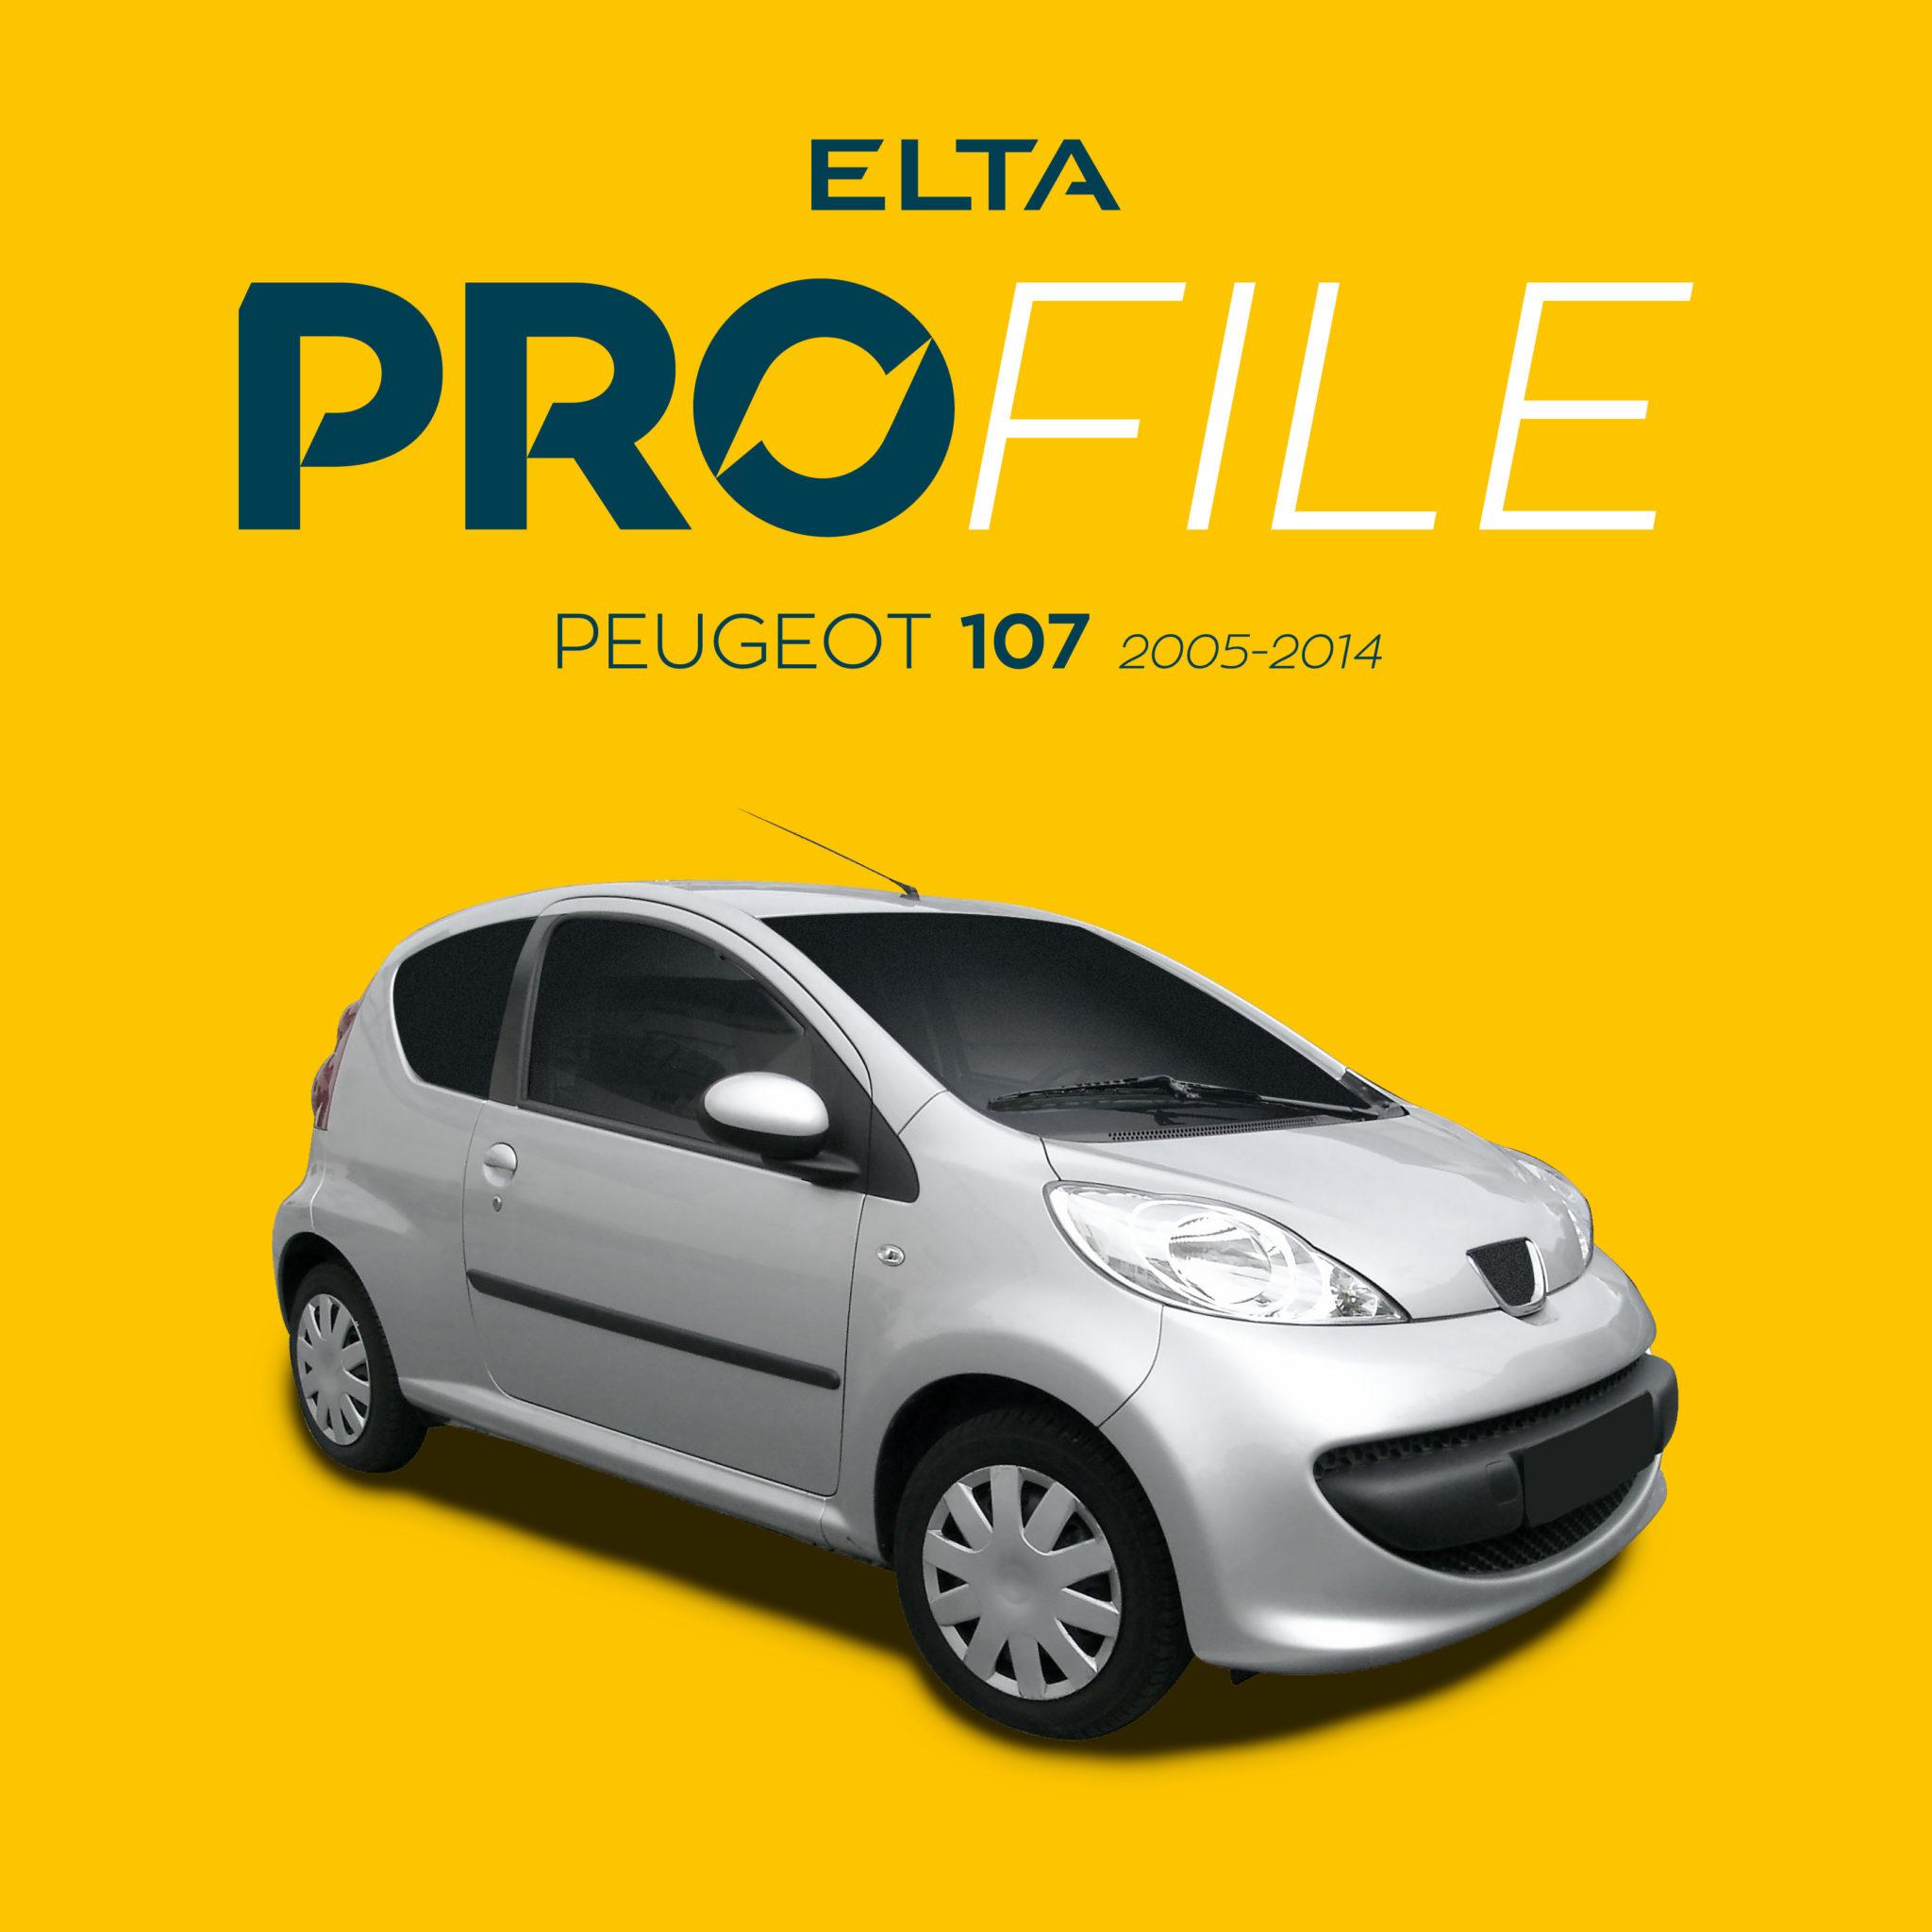 Peugeot 107 Vehicle Profile